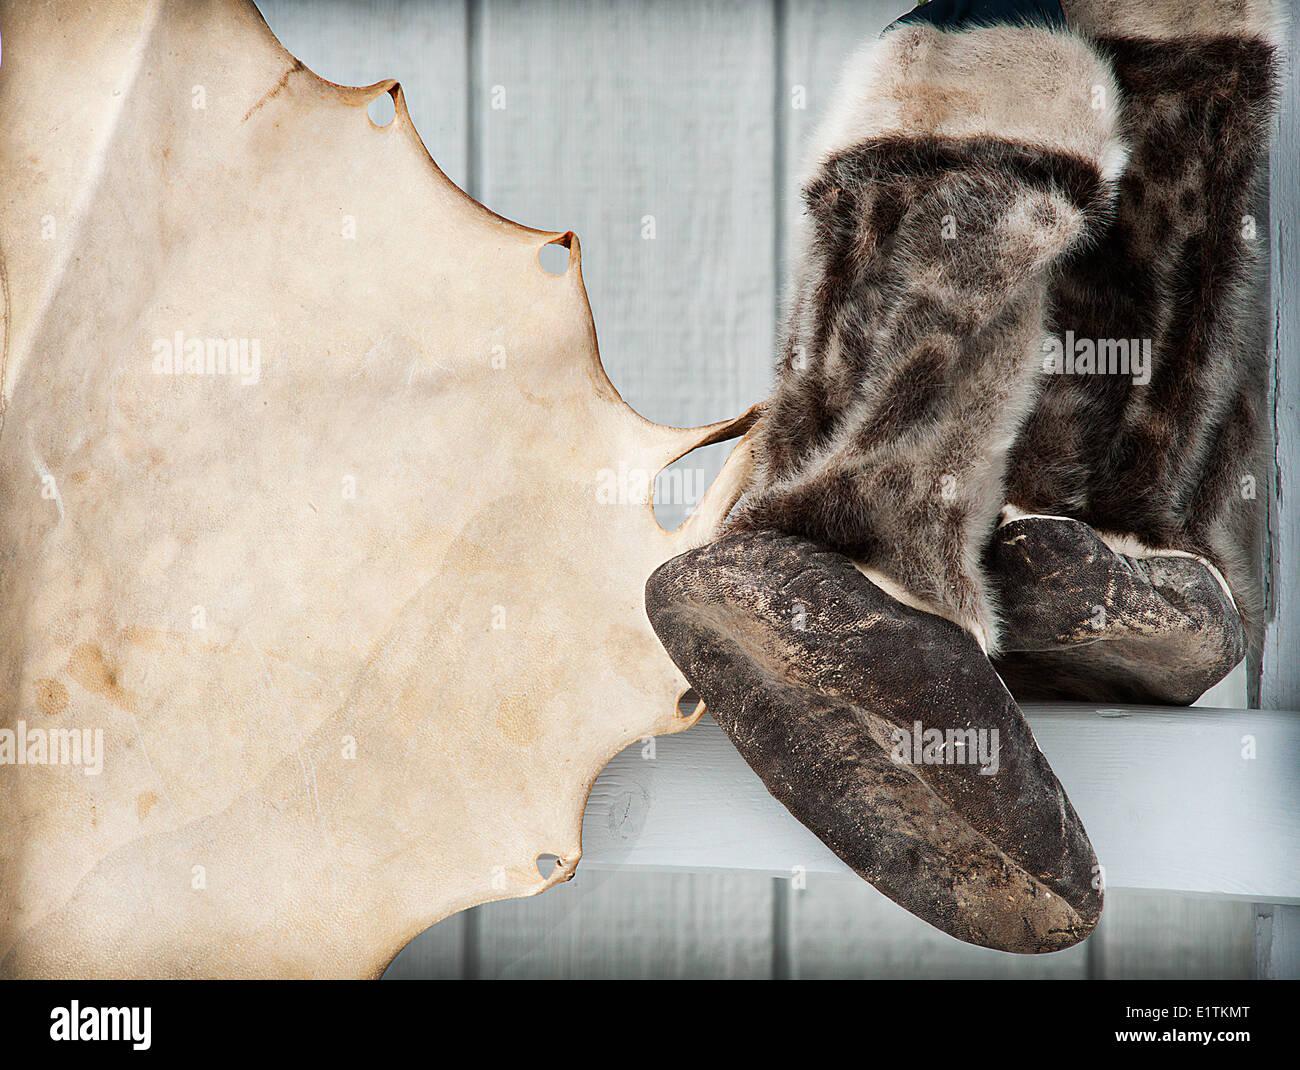 kamiks, seal skin, Igloolik, Nunavut, Canada - Stock Image